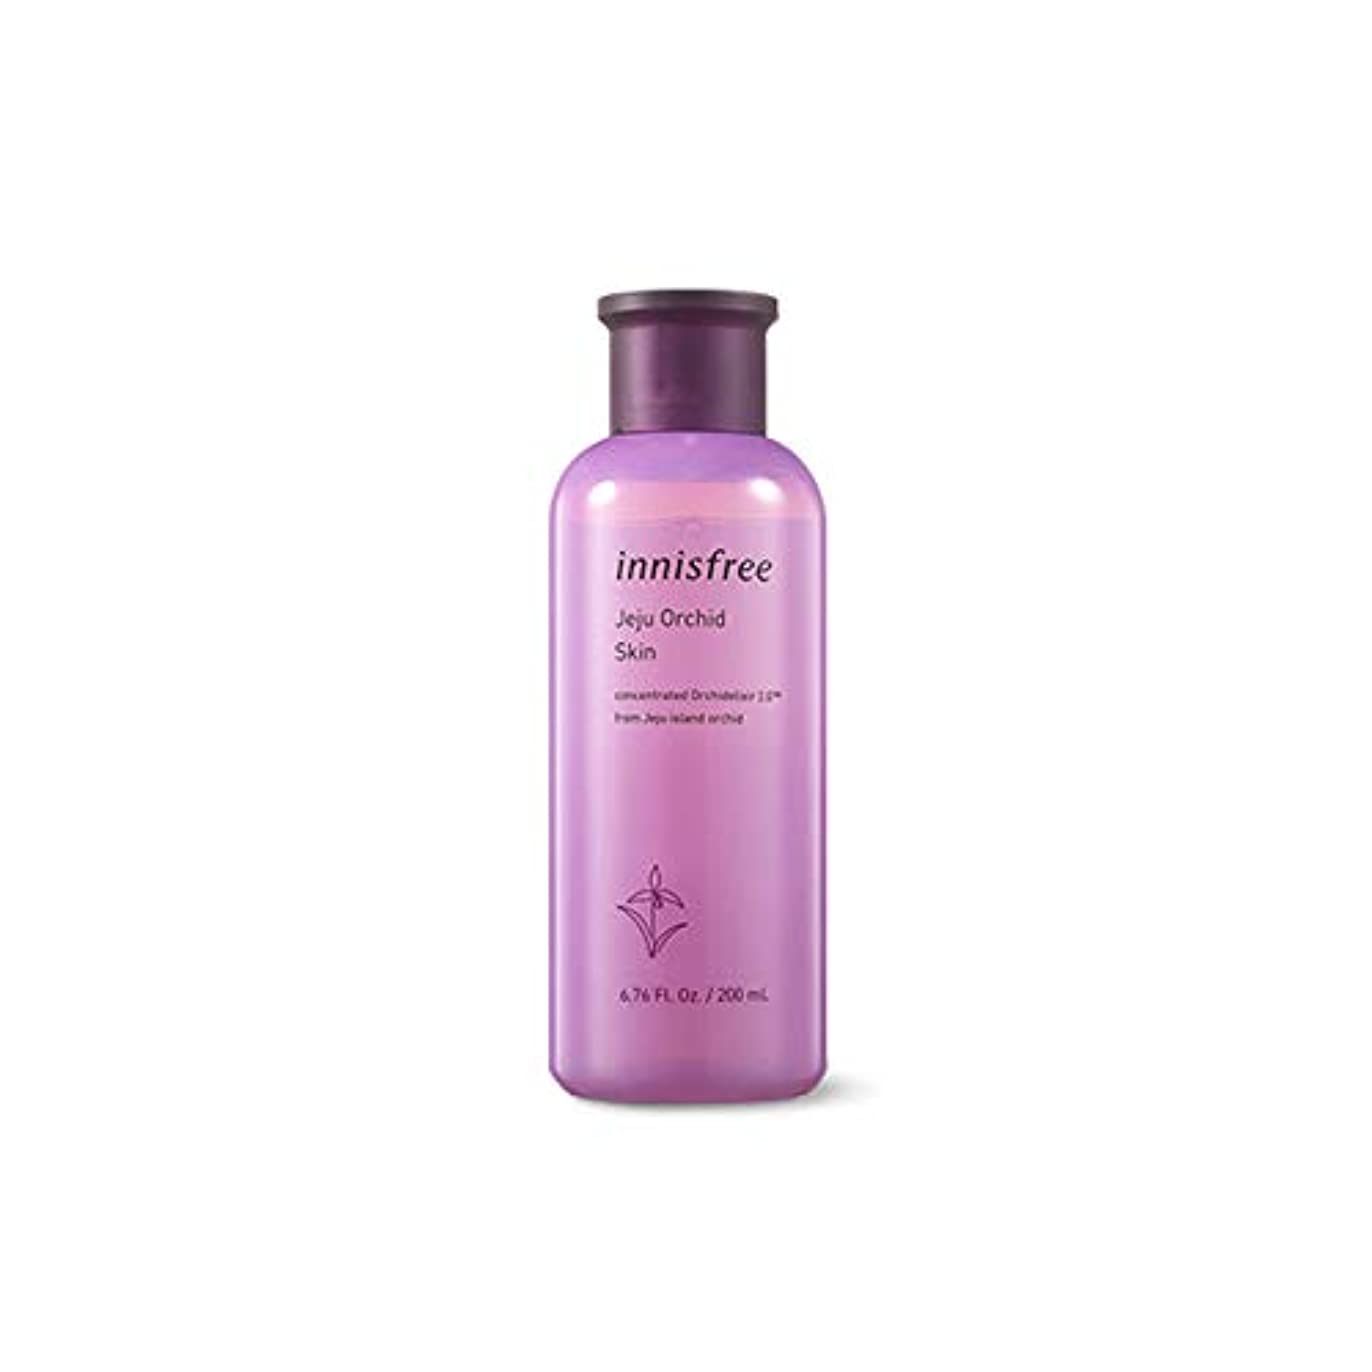 ほぼ泥胚[イニスプリー]Innisfree 寒暖スキン(200ml) 新商品入荷 Innisfree Orchid Skin (200ml) New Arrival [海外直送品]